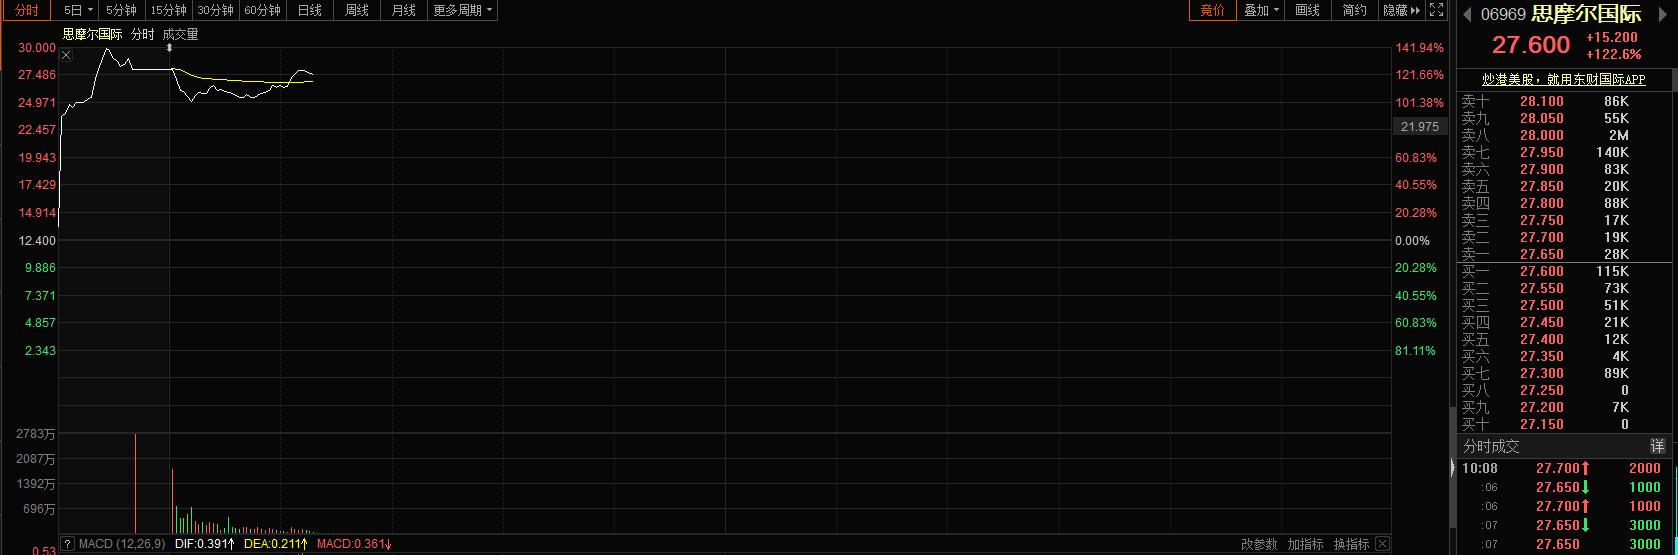 电子烟第一股大涨120%:此前刷新港股暗盘成交额纪录 行业潜在市场超500亿